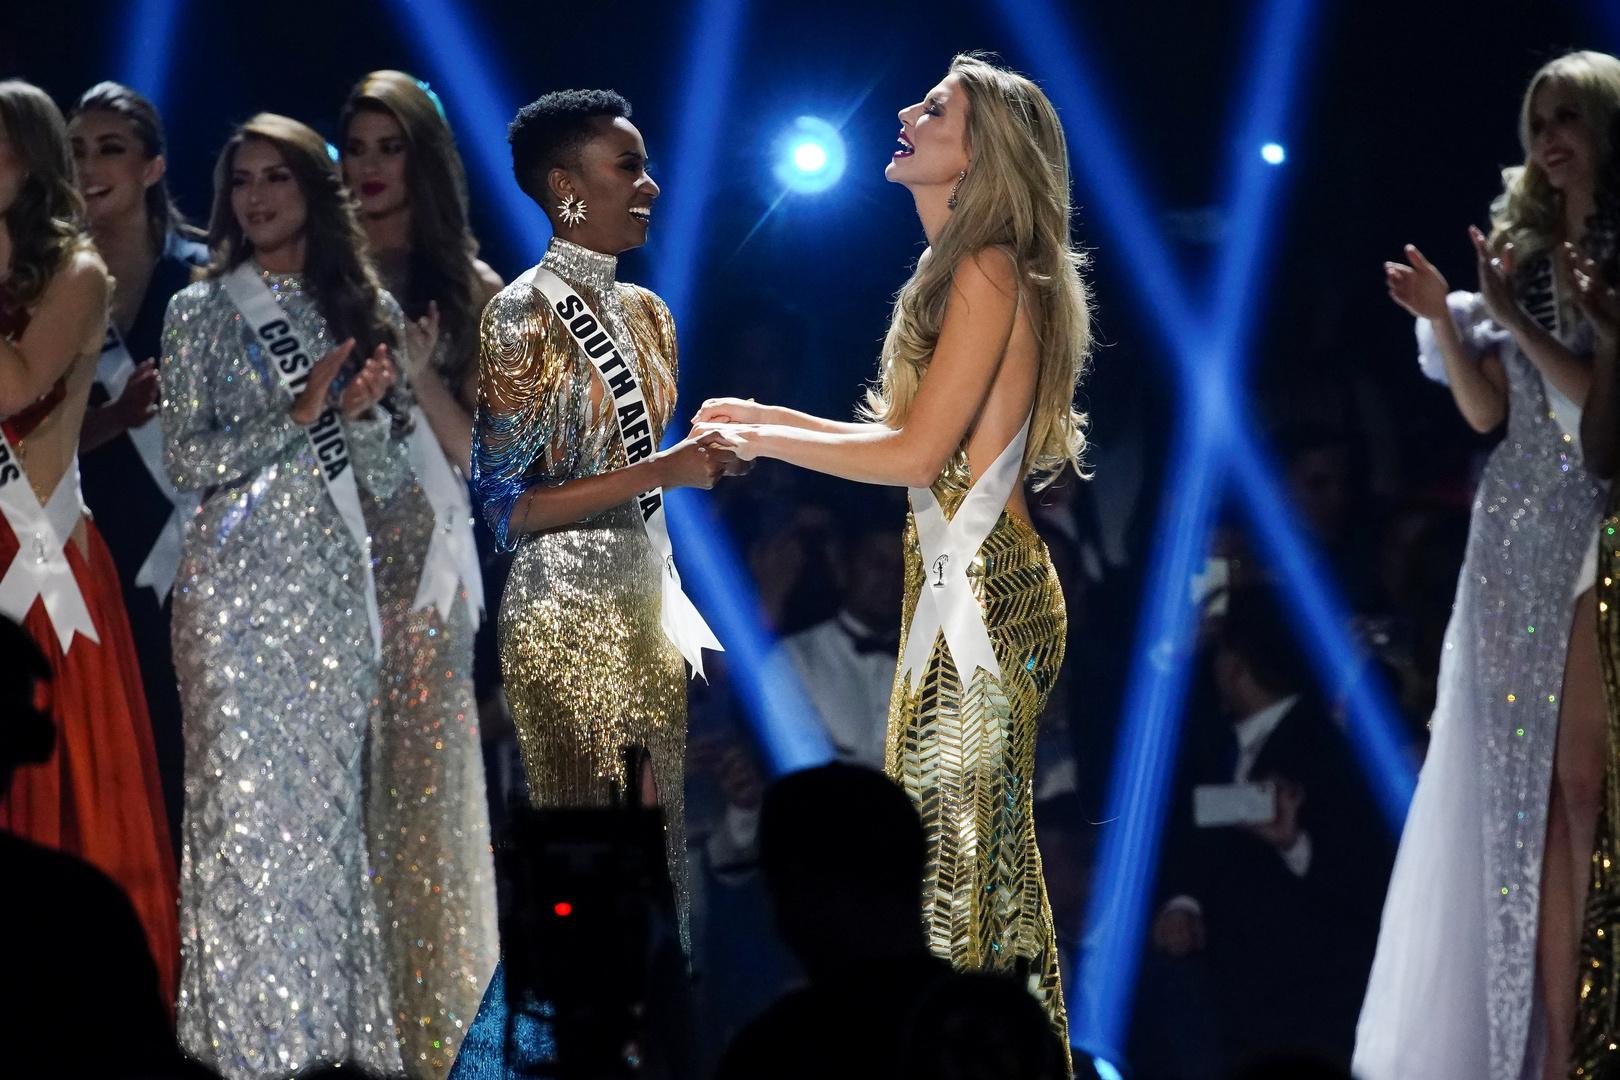 حسناء جنوب إفريقيا تفوز بمسابقة ملكة جمال الكون وجميلة روسيا لم تشارك